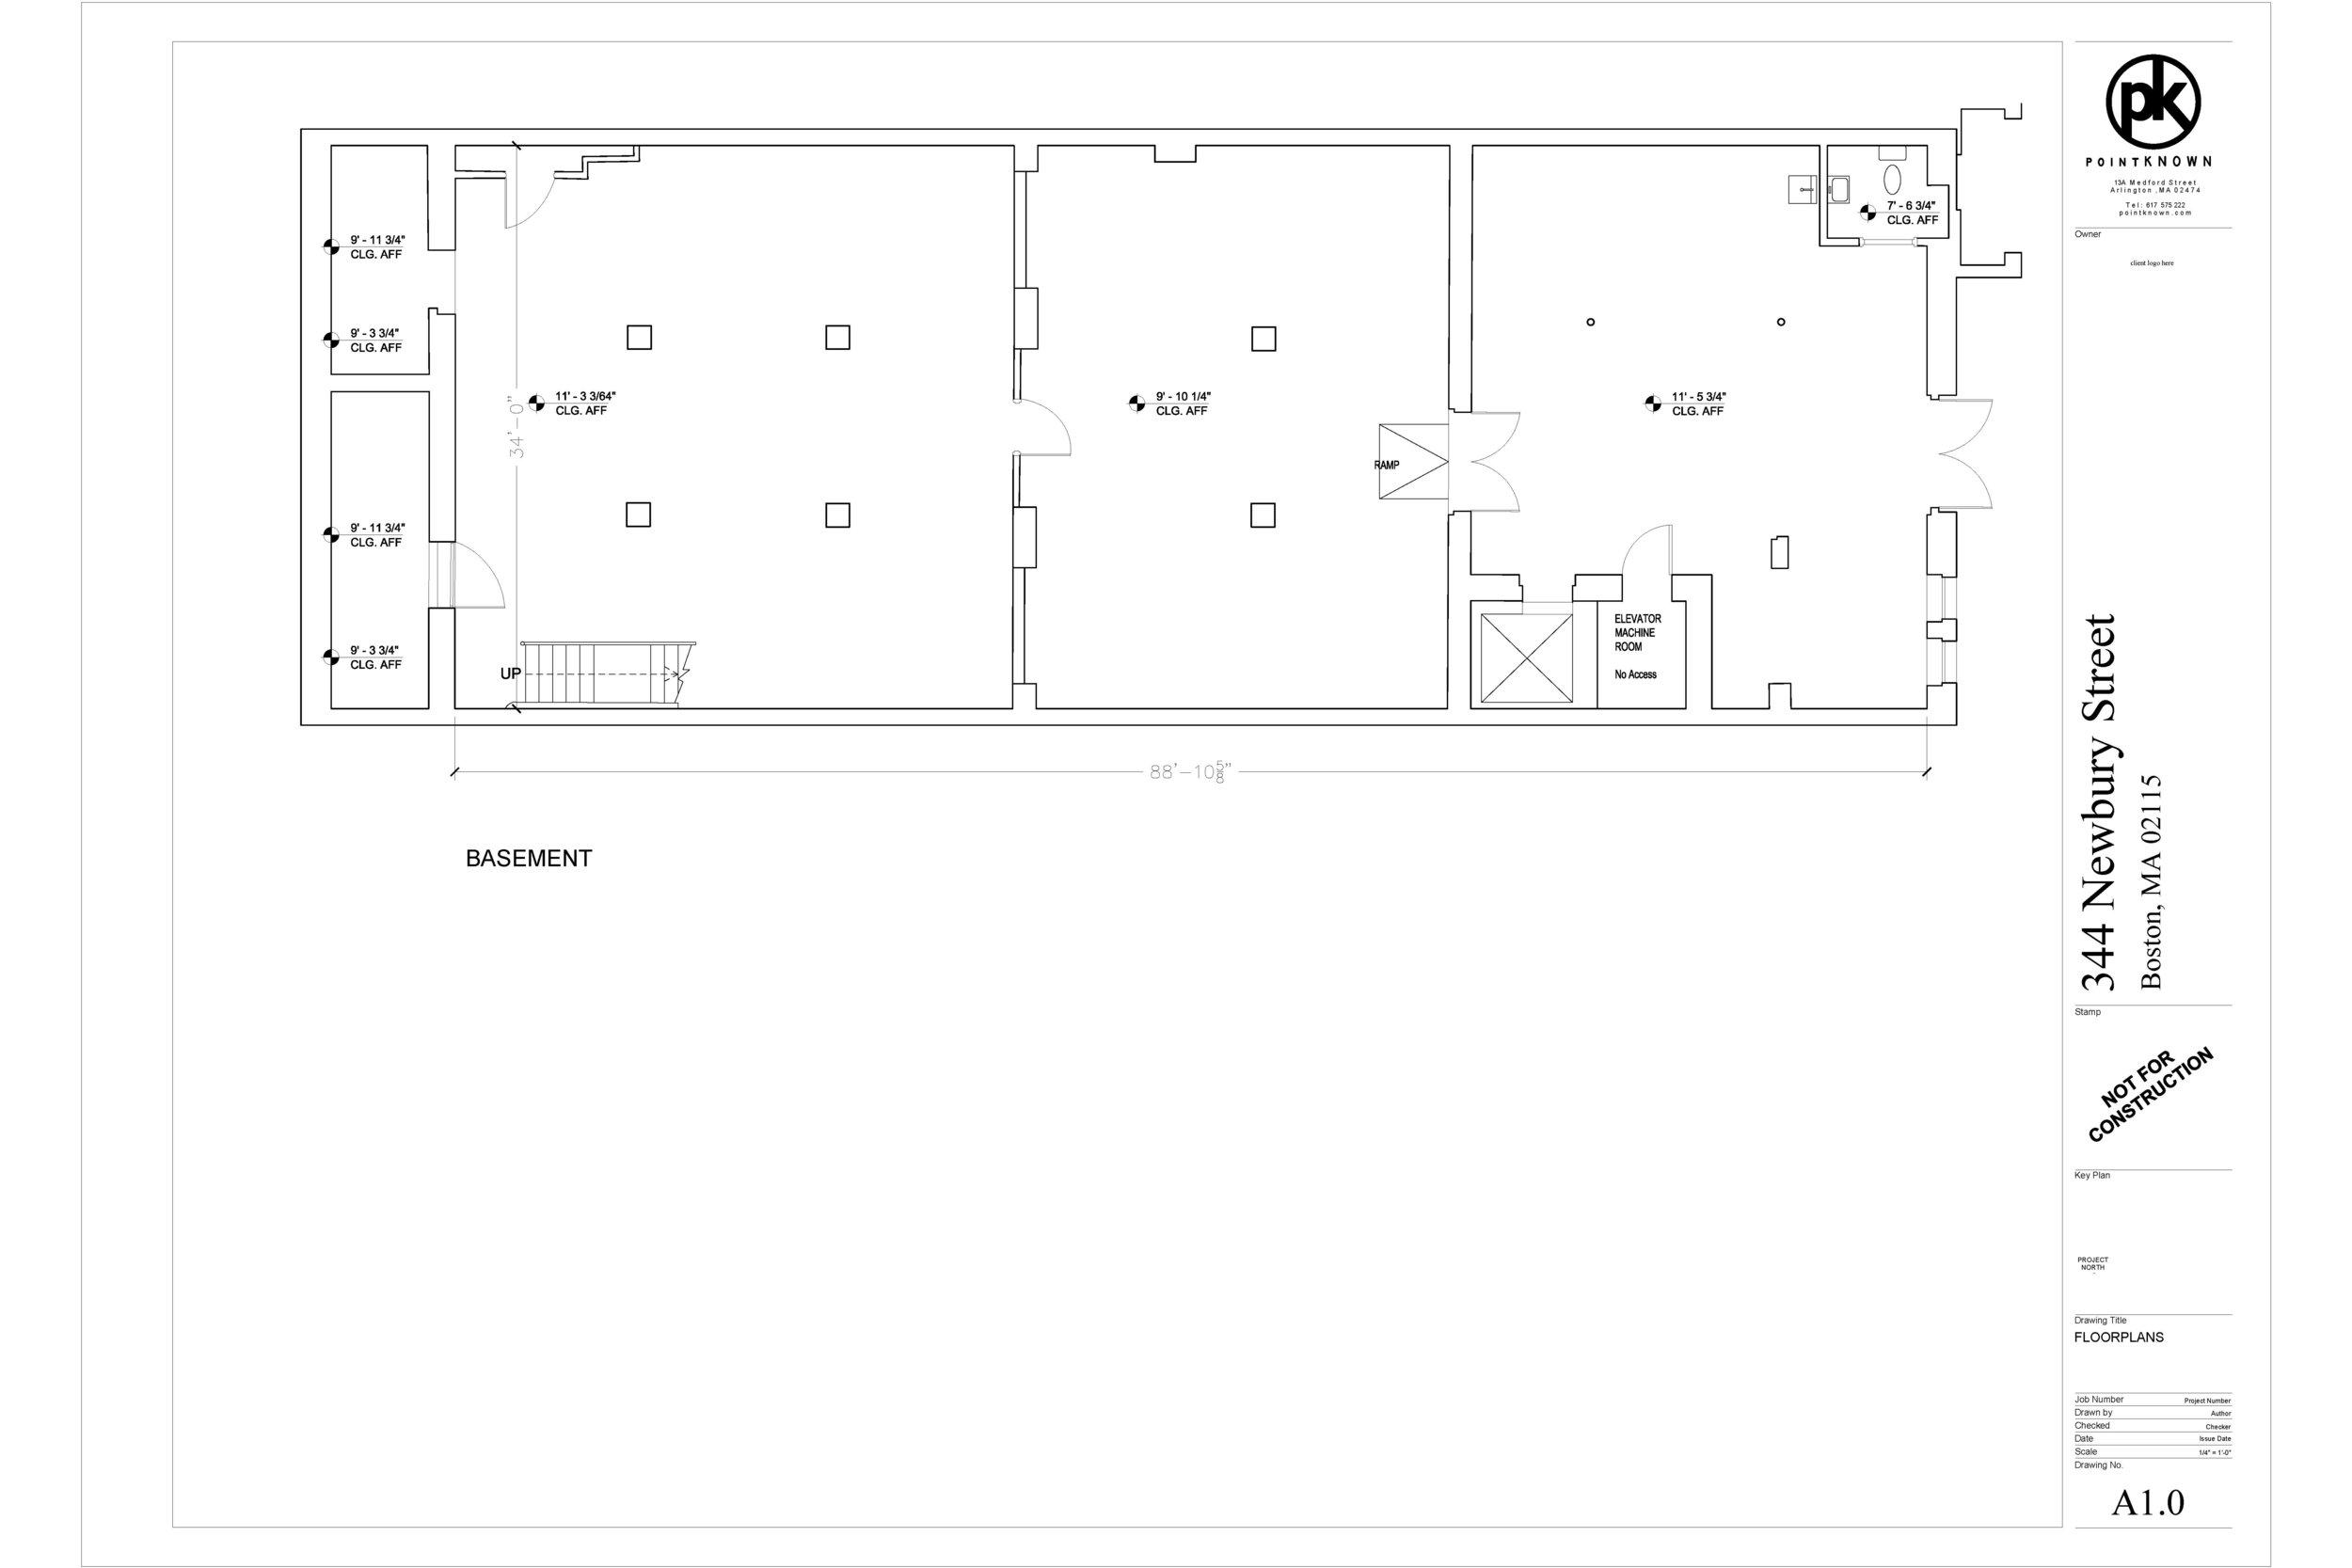 344 Newbury_Basement .jpg